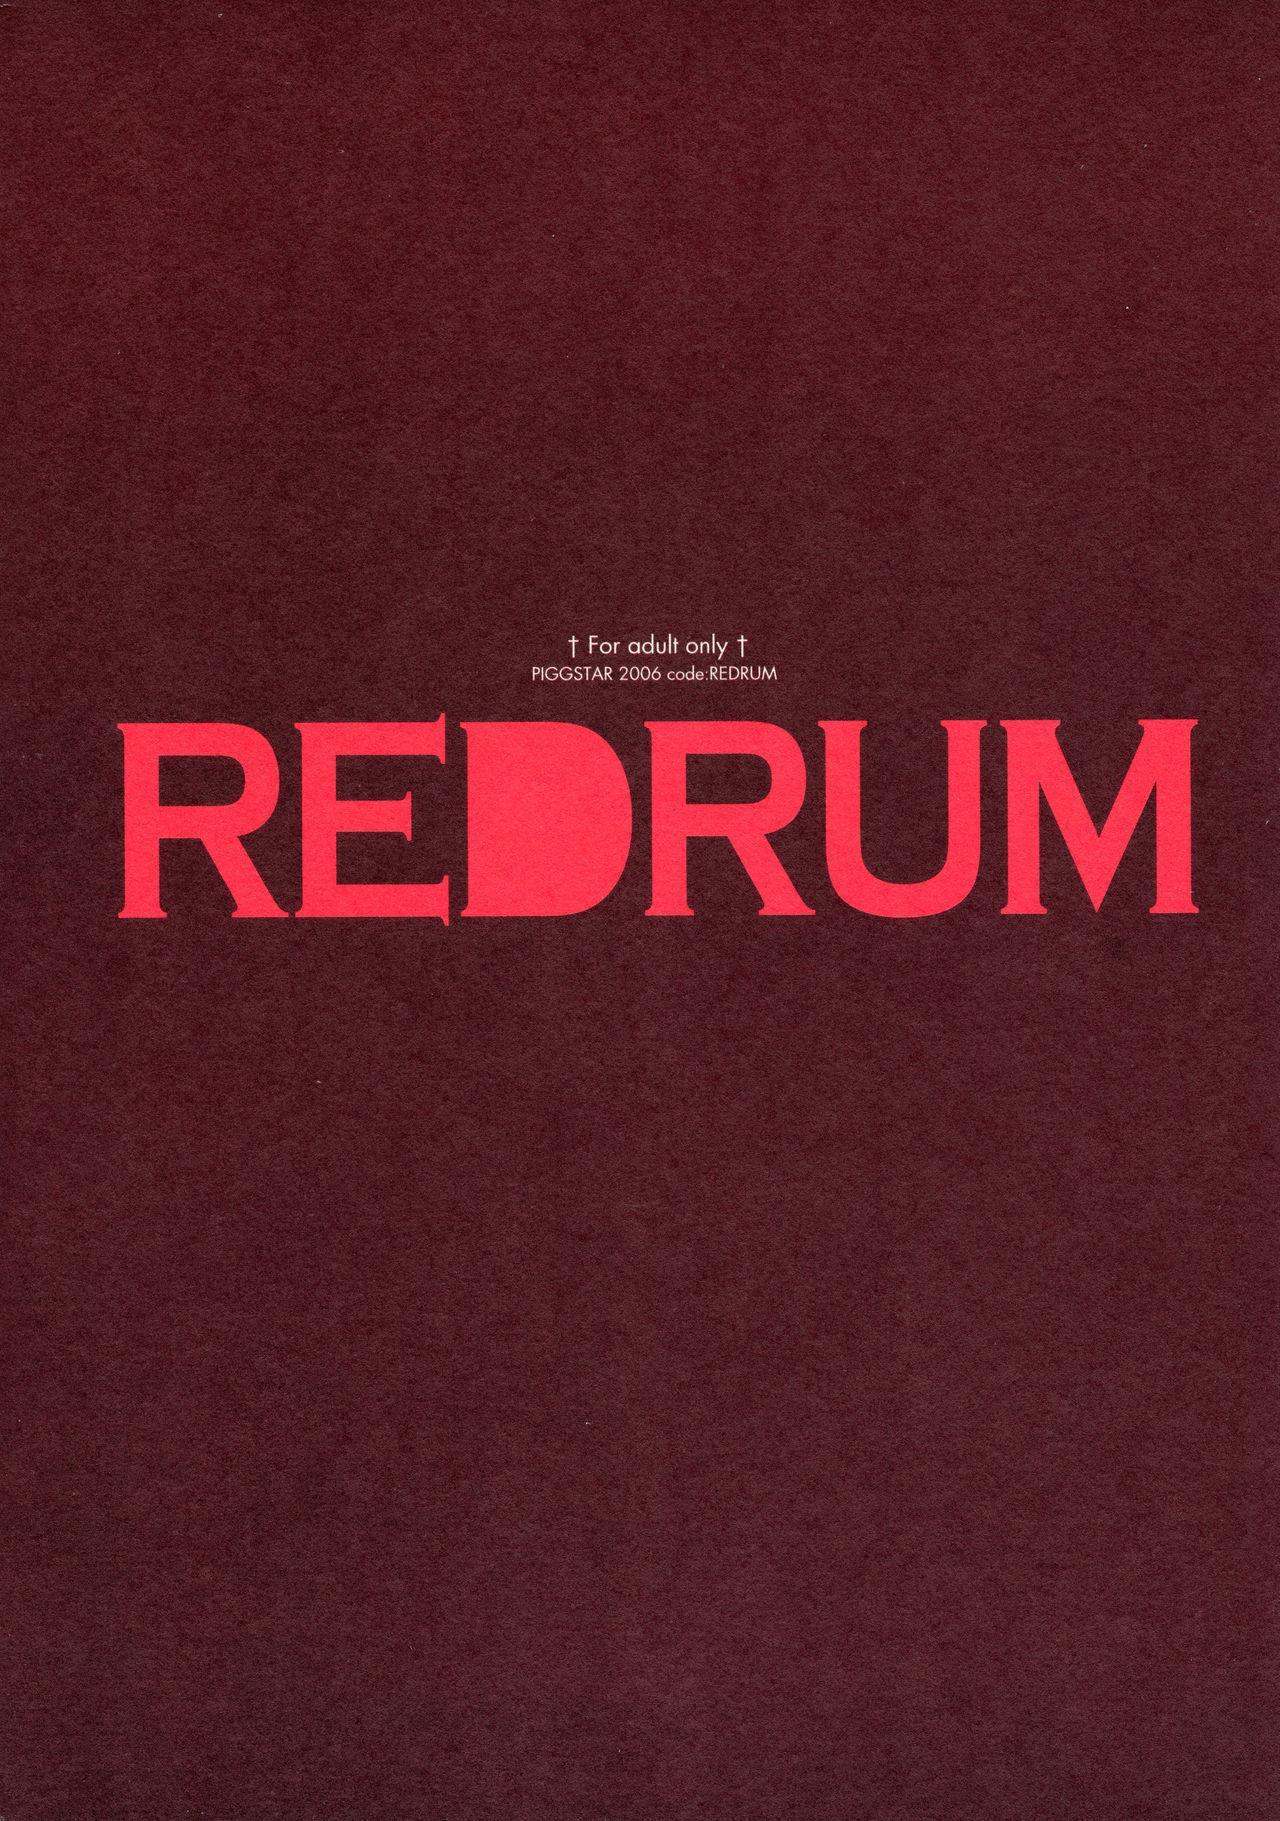 REDRUM 27